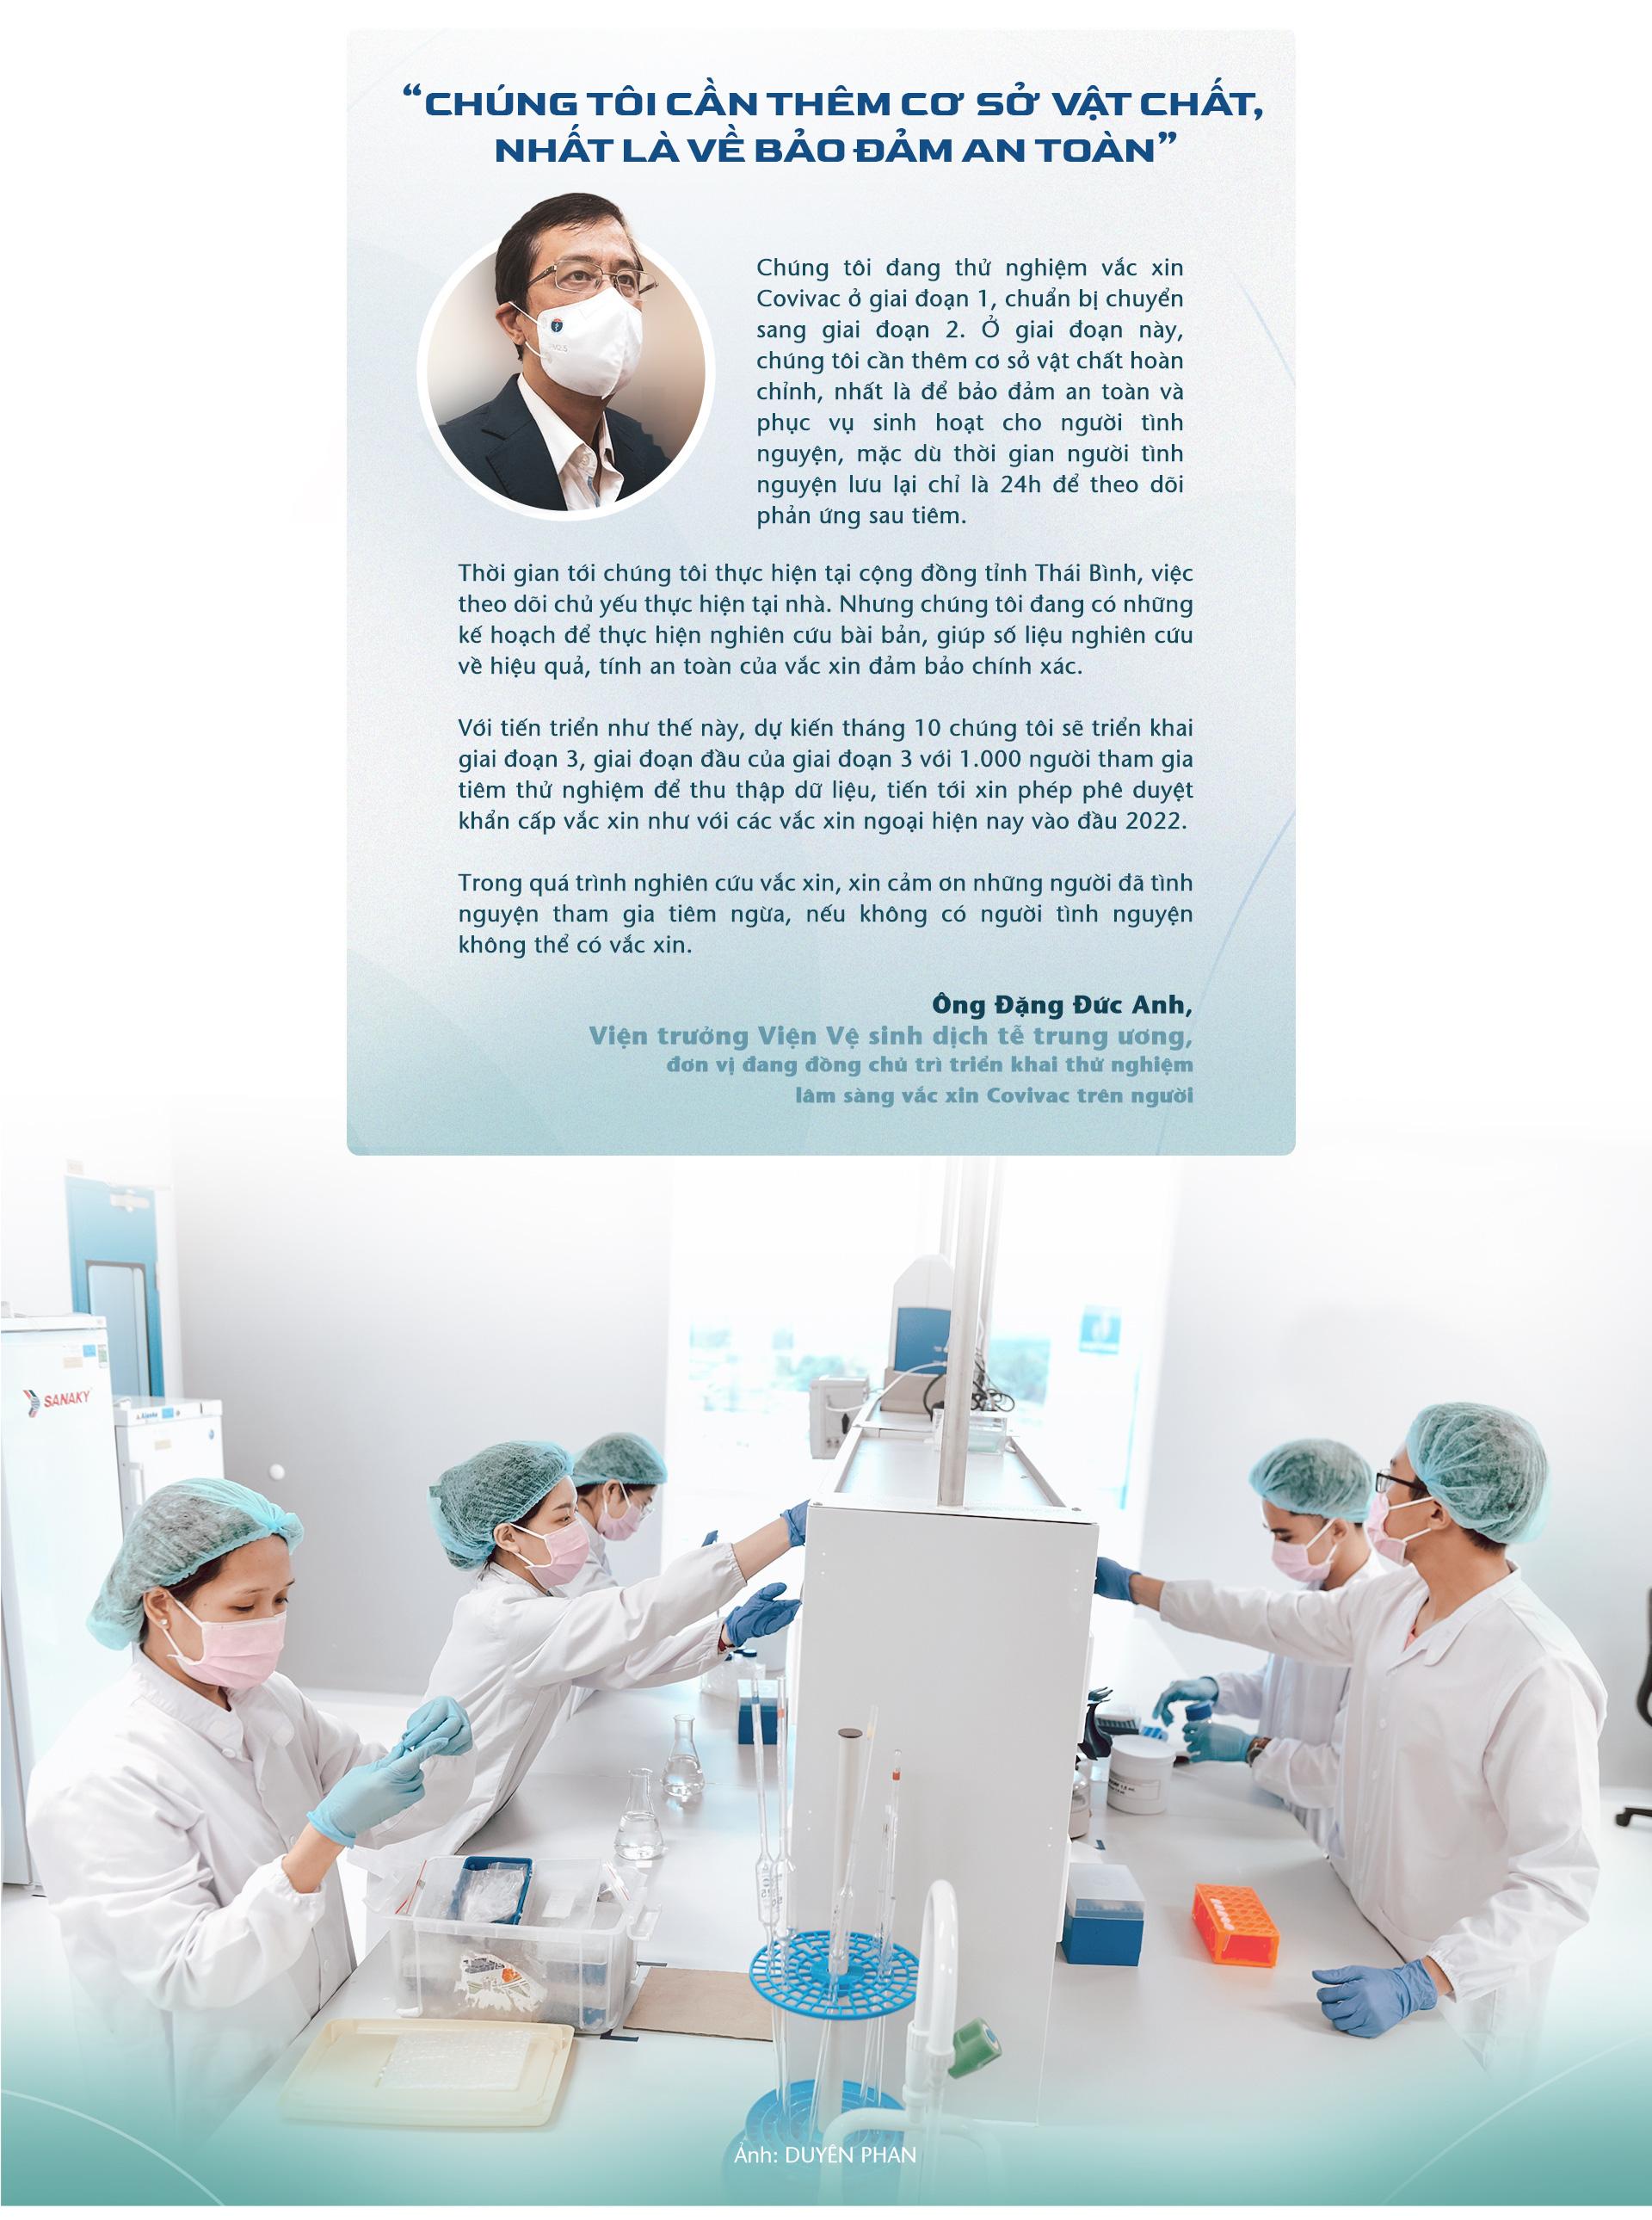 Hành trình vắc xin Việt - Ảnh 16.